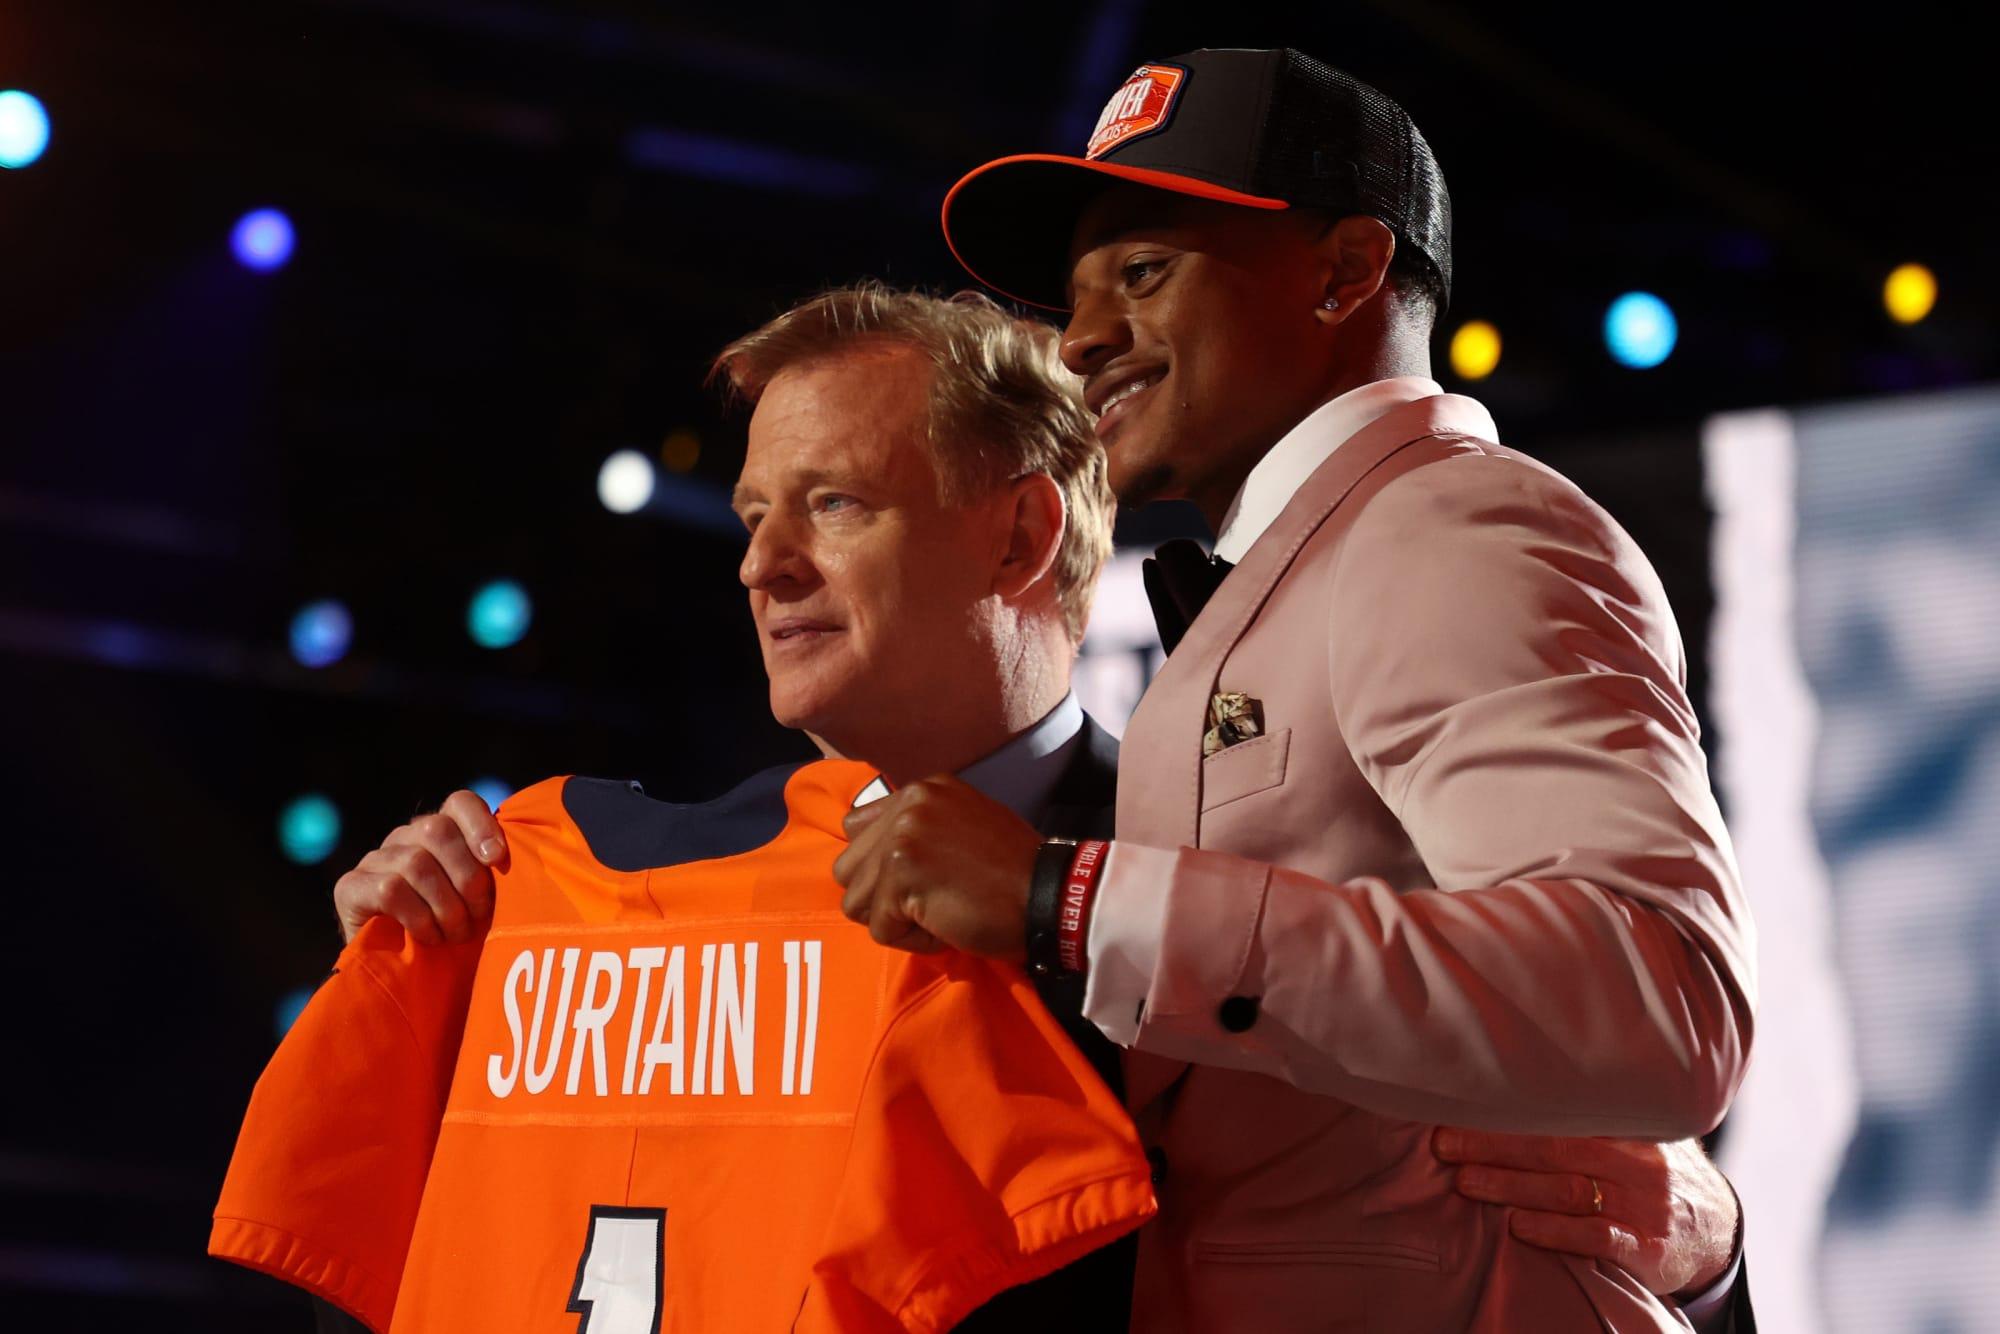 2021 NFL Draft grades: Denver Broncos punt on quarterbacks